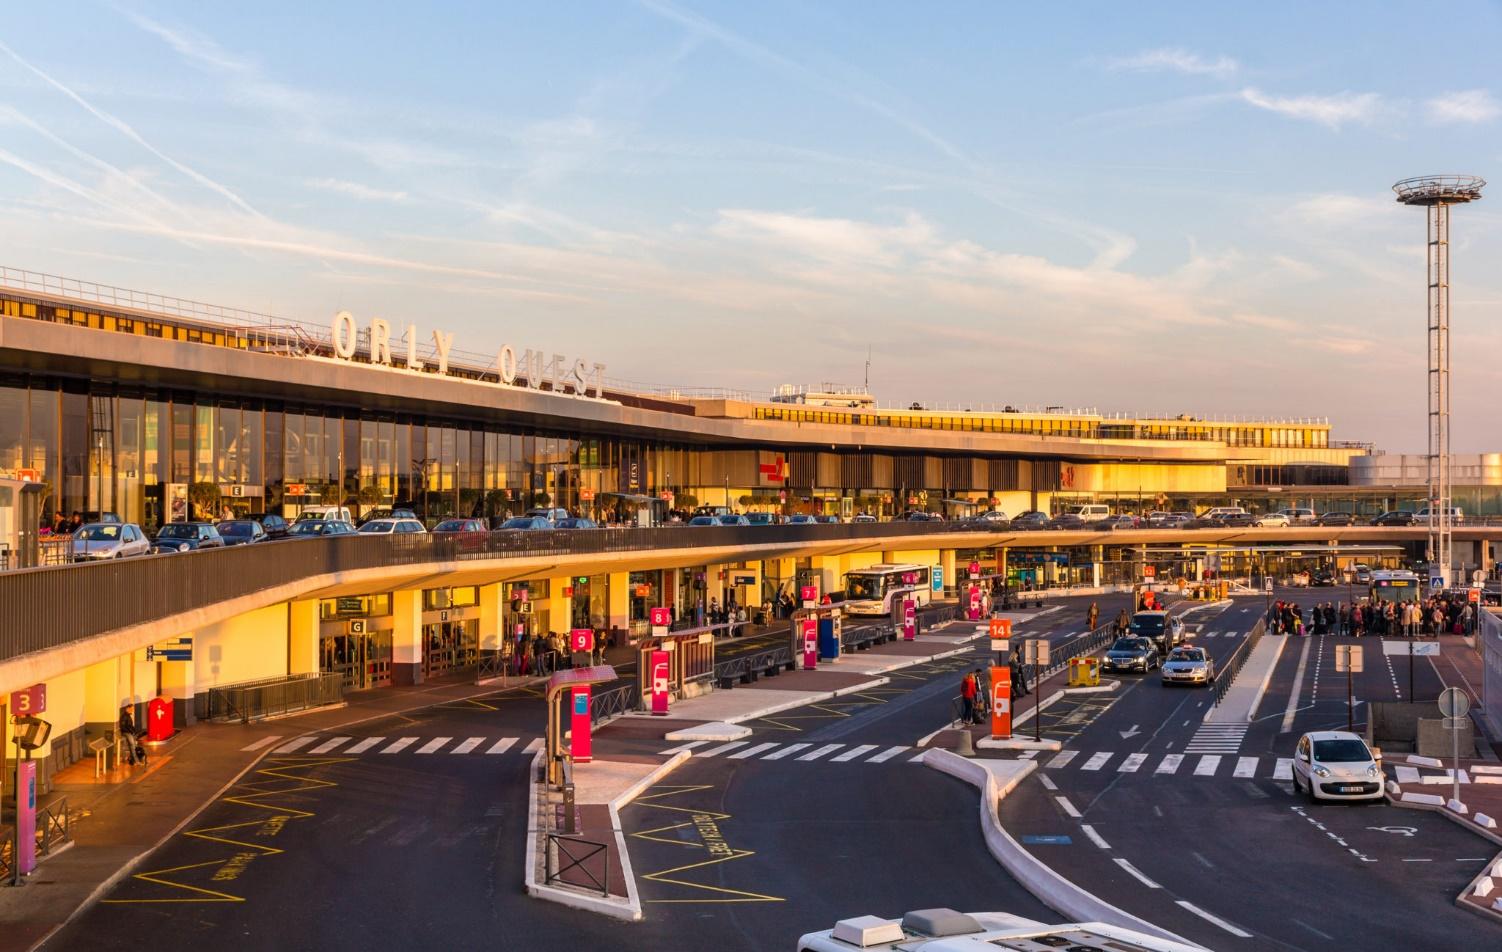 Le fonctionnement du stationnement à l'aéroport d'Orly